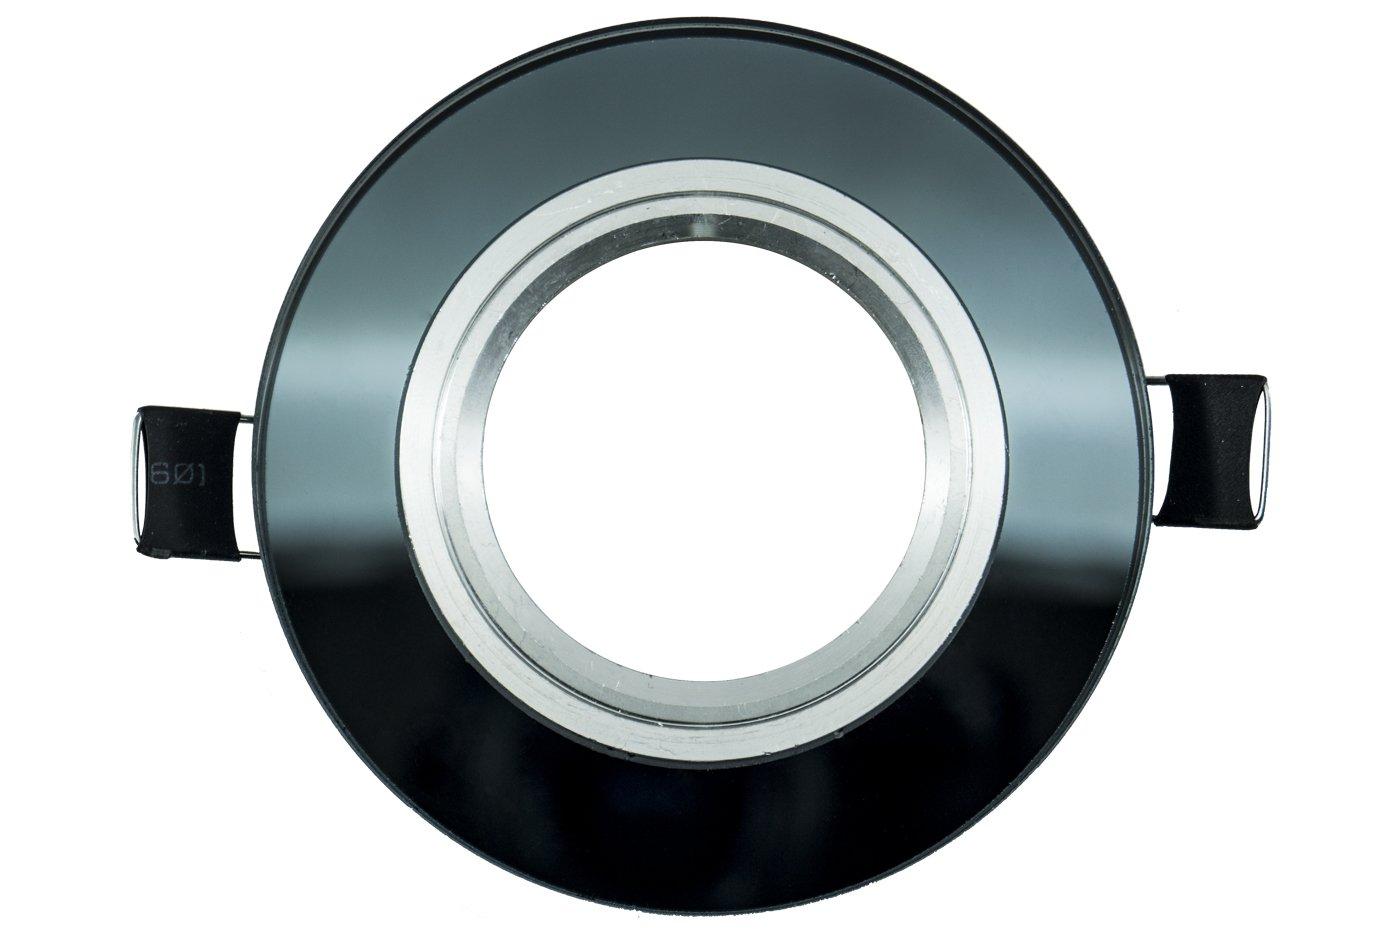 Portafaretto incasso led specchio nero rotondo alette lm